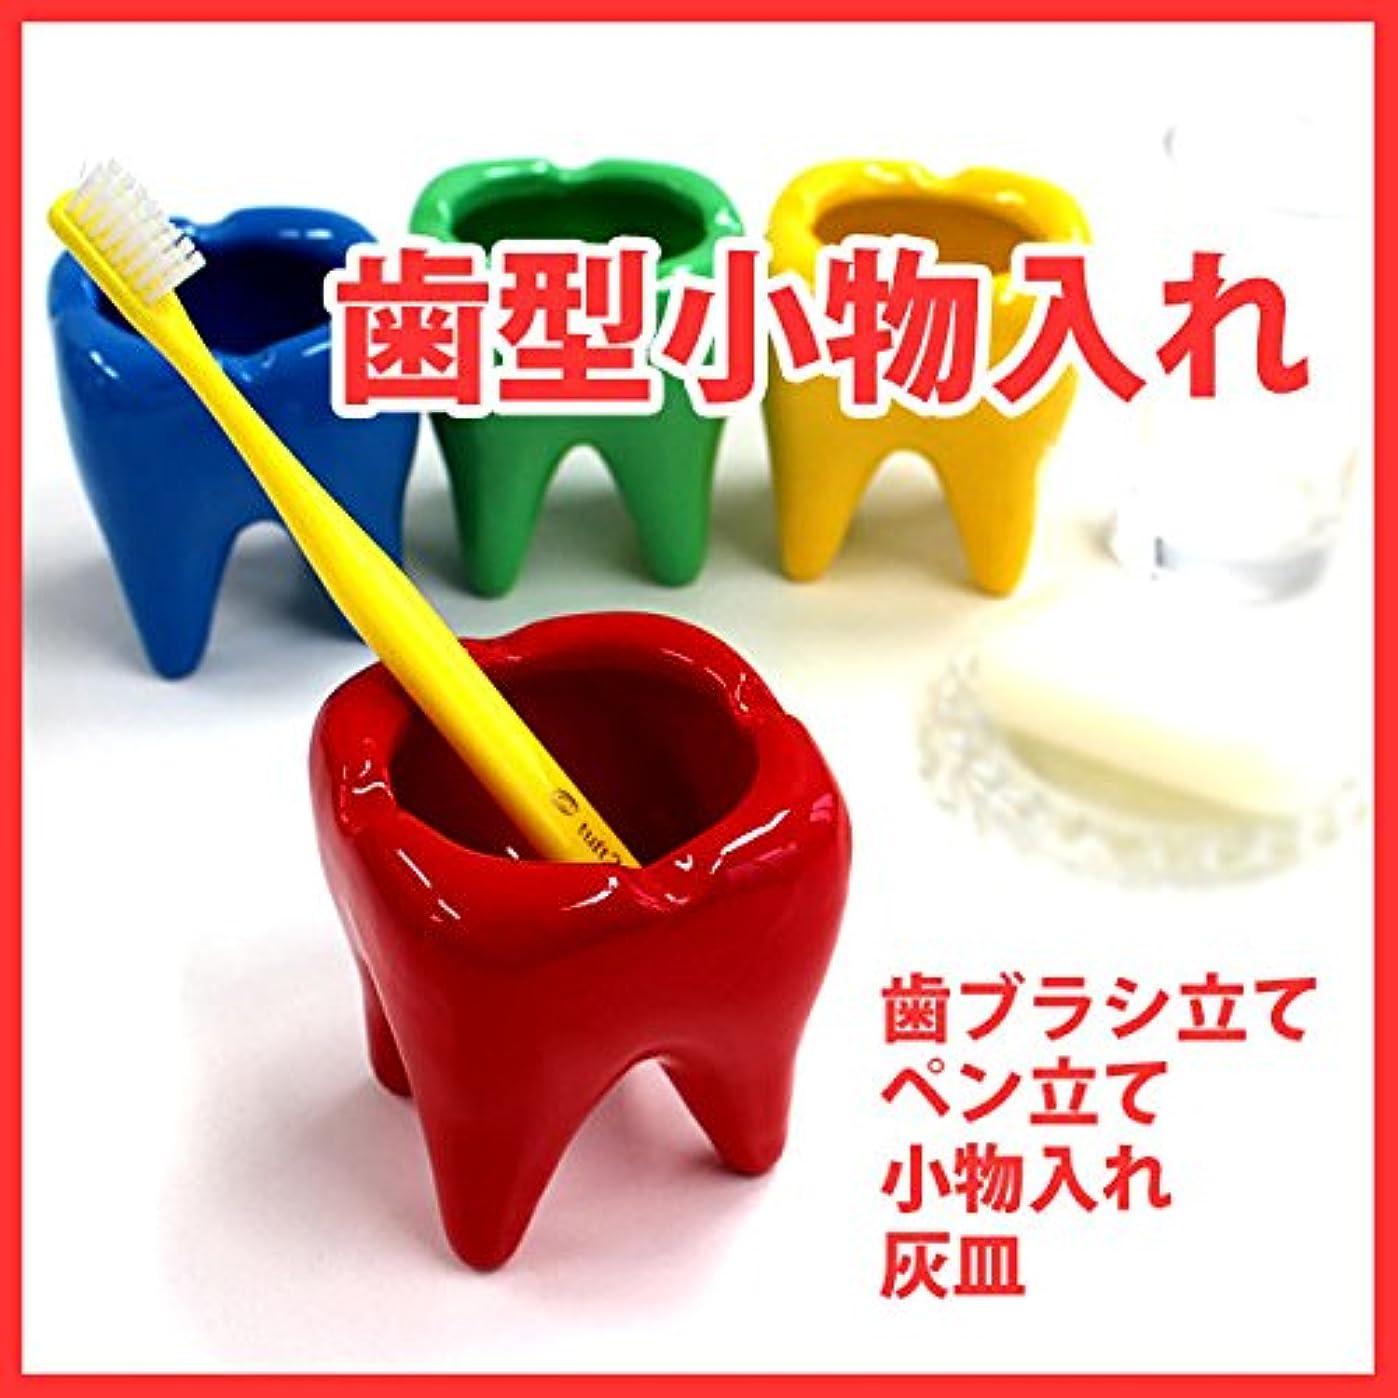 プロポーショナルずるい所得シーアイ 歯型インテリア?小 (アッシュトレー?小物入れ)単品 ブルー 33975